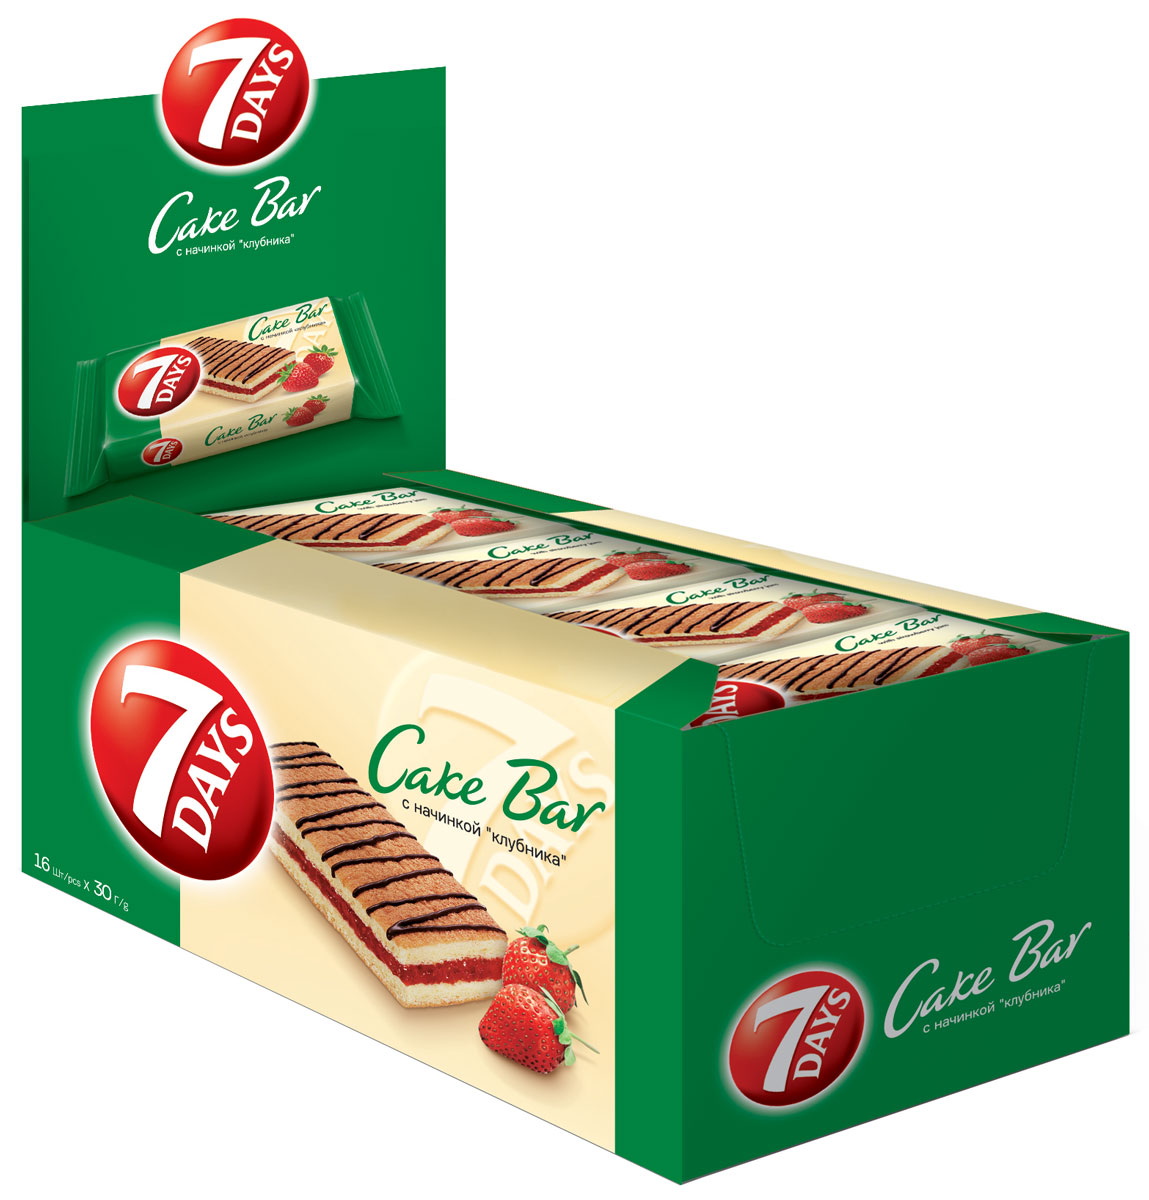 7DAYS Cake Bar Пирожное с начинкой Клубника, 16 шт по 30 г0120710Пирожные 7DAYS Кейк Бар - это индивидуально упакованные бисквитные пирожные, представленные ассортиментом наиболее популярных вкусов. Восхитительный снэк для всей семьи, которым можно насладиться в течение всего дня.